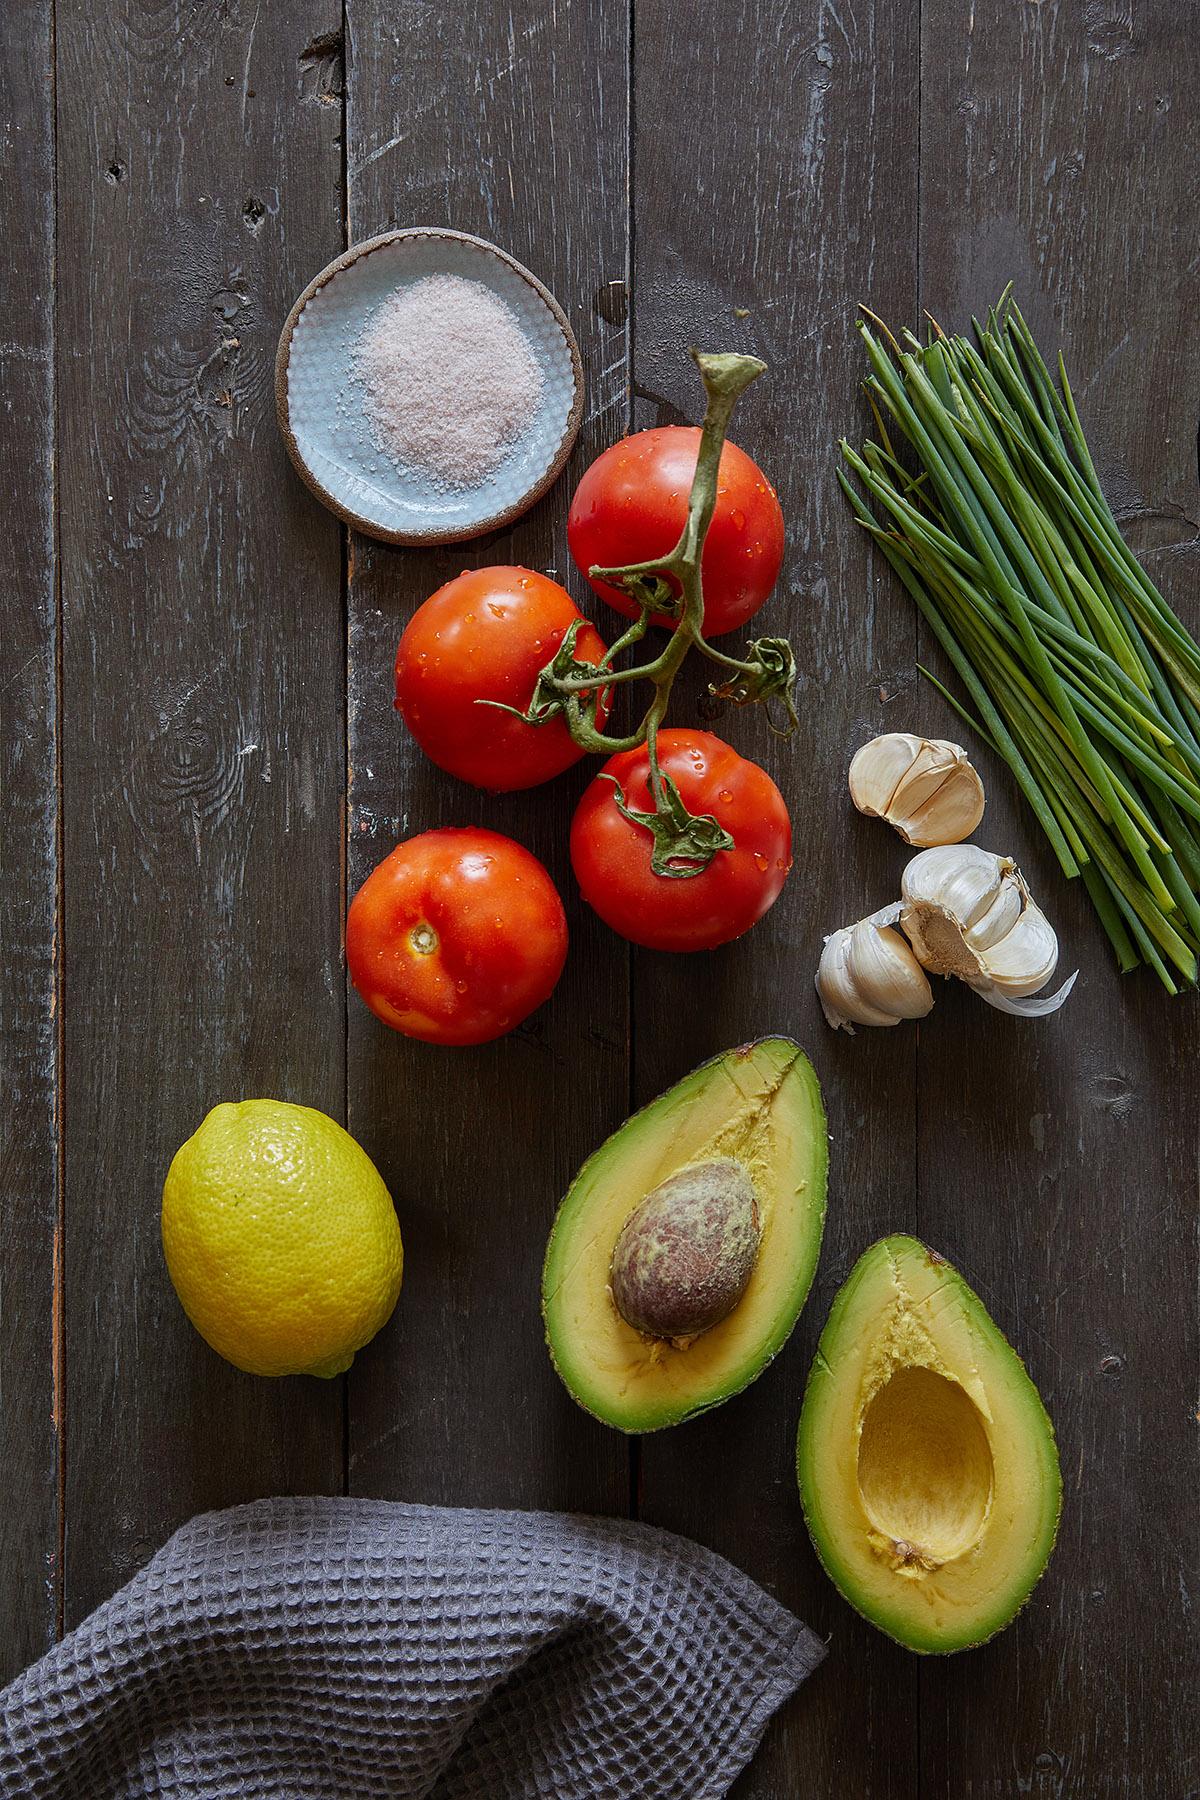 ממרח פלפלים קלויים, ממרח כרוביות צלויות וסלסת אבוקדו ועגבניות. צילום: טל סיון צפורין